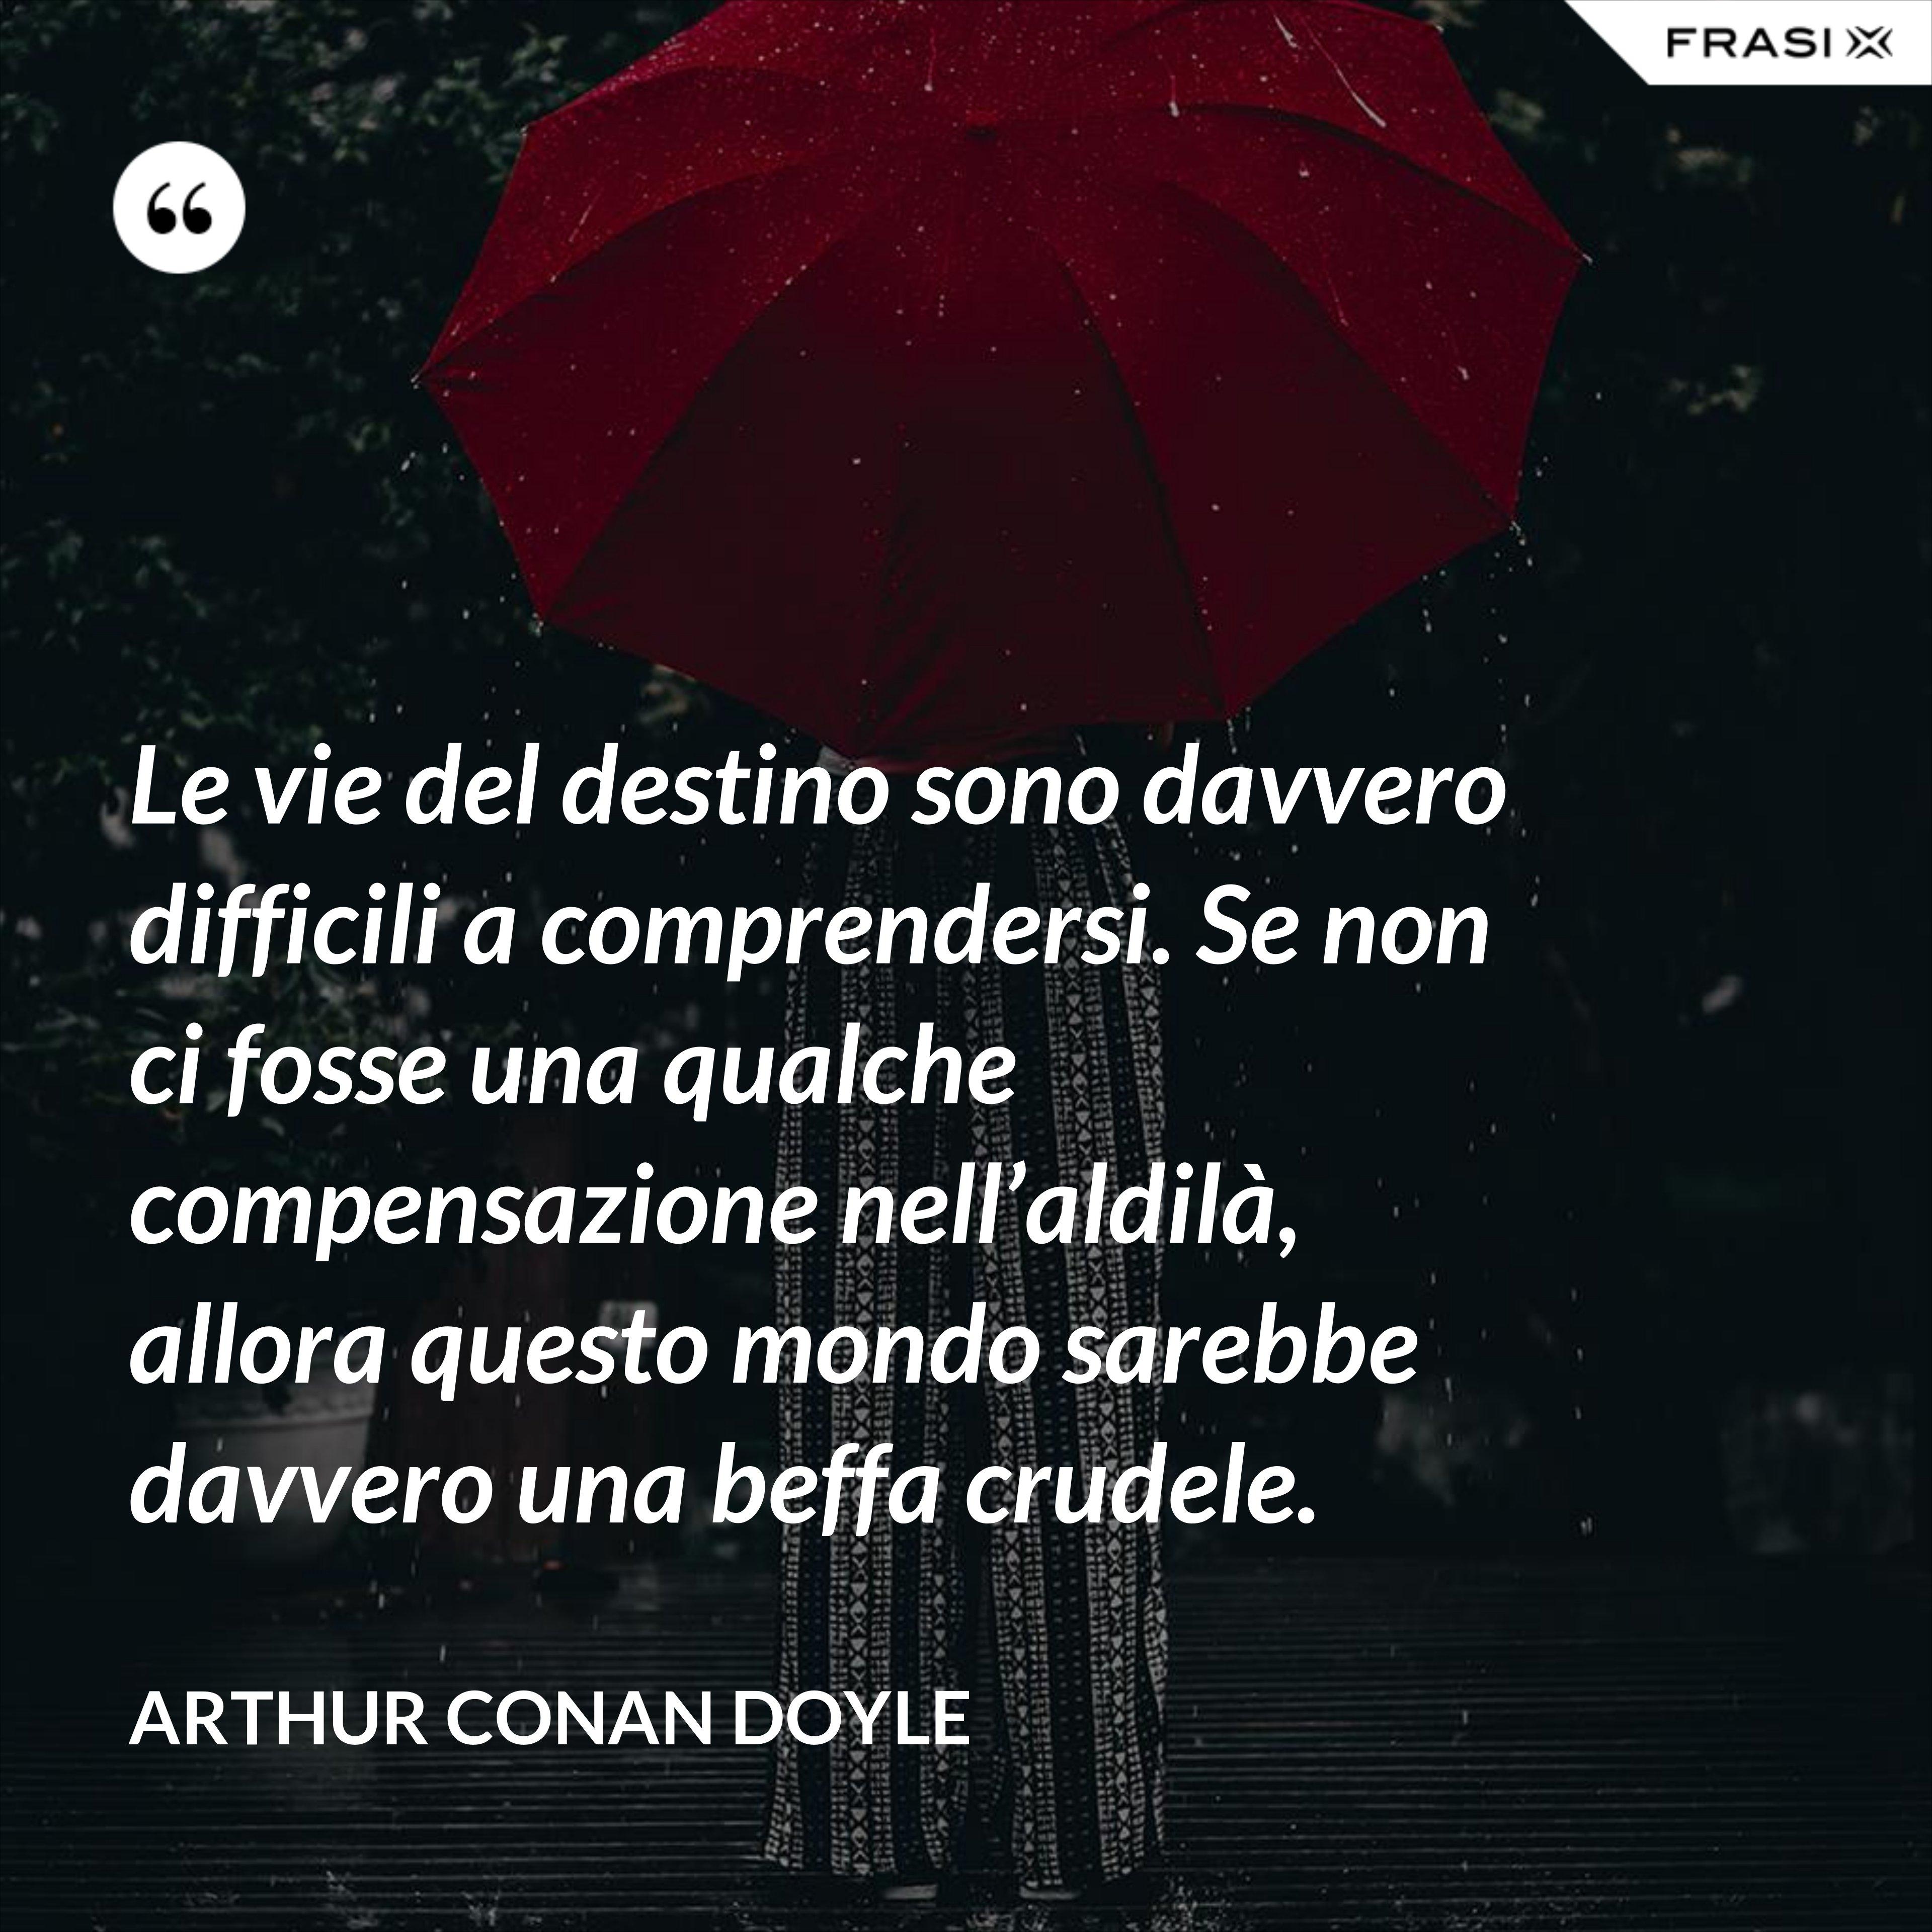 Le vie del destino sono davvero difficili a comprendersi. Se non ci fosse una qualche compensazione nell'aldilà, allora questo mondo sarebbe davvero una beffa crudele. - Arthur Conan Doyle